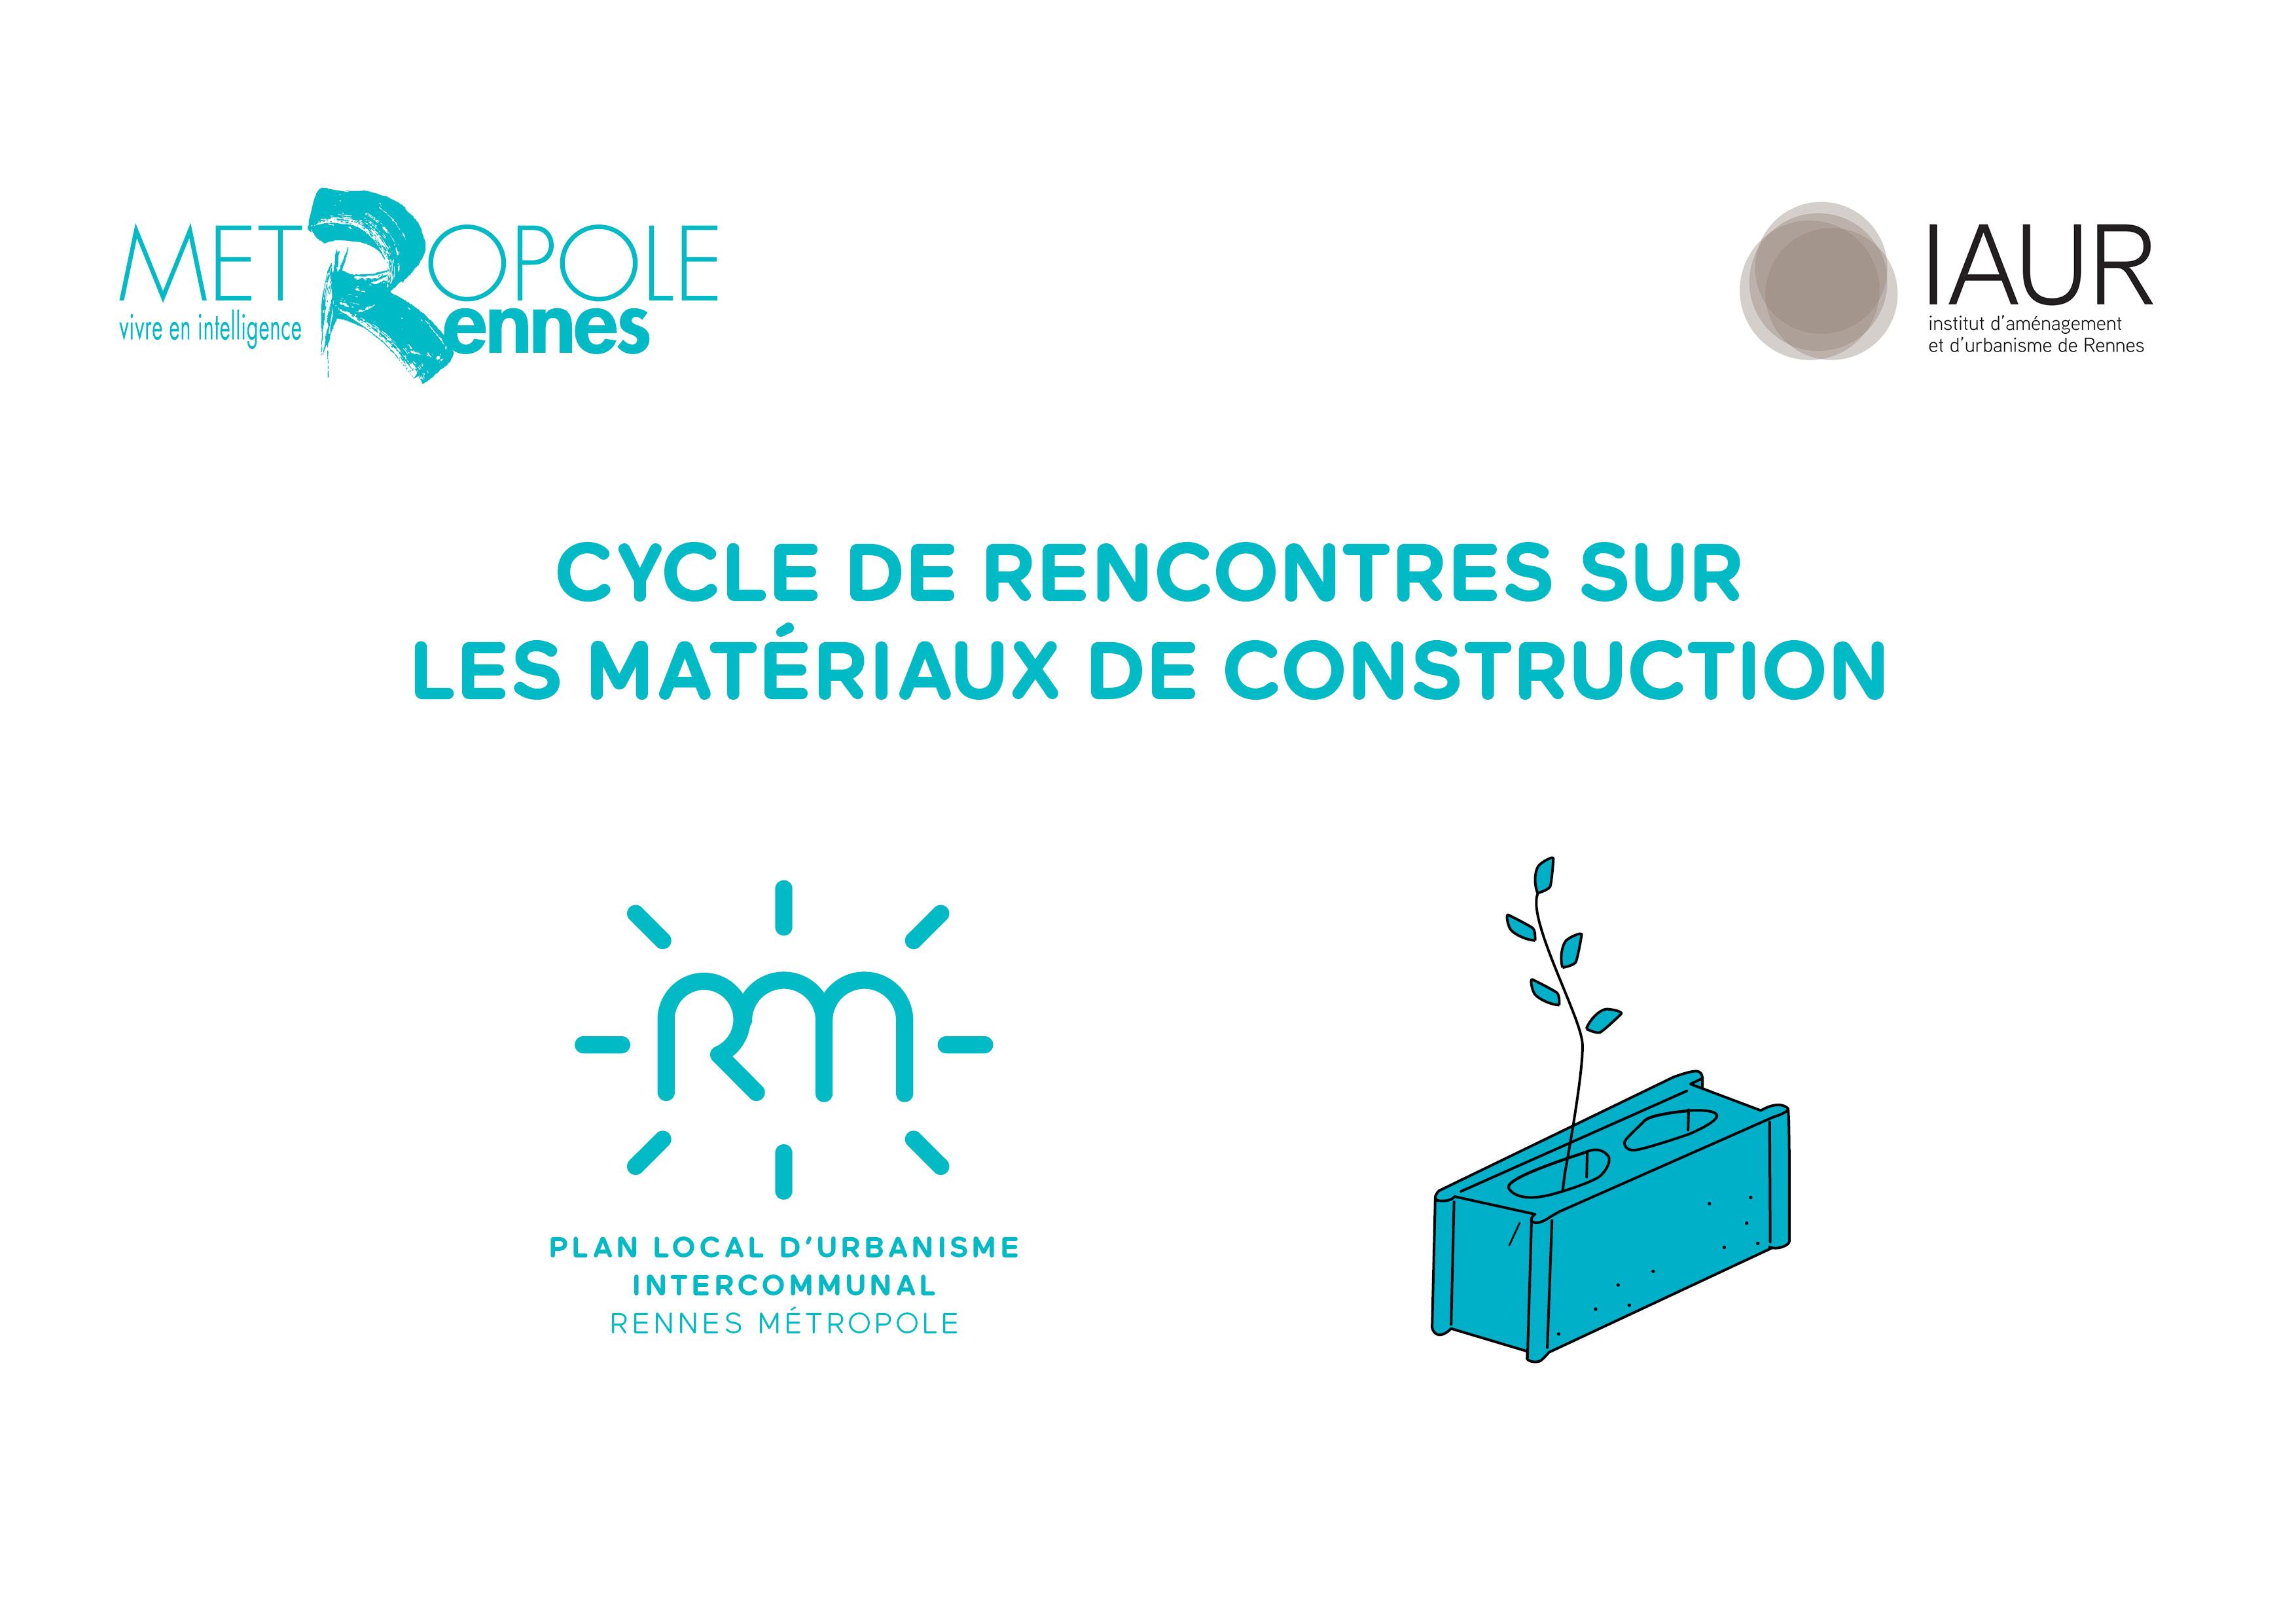 Un cycle de rencontres sur les matériaux de construction